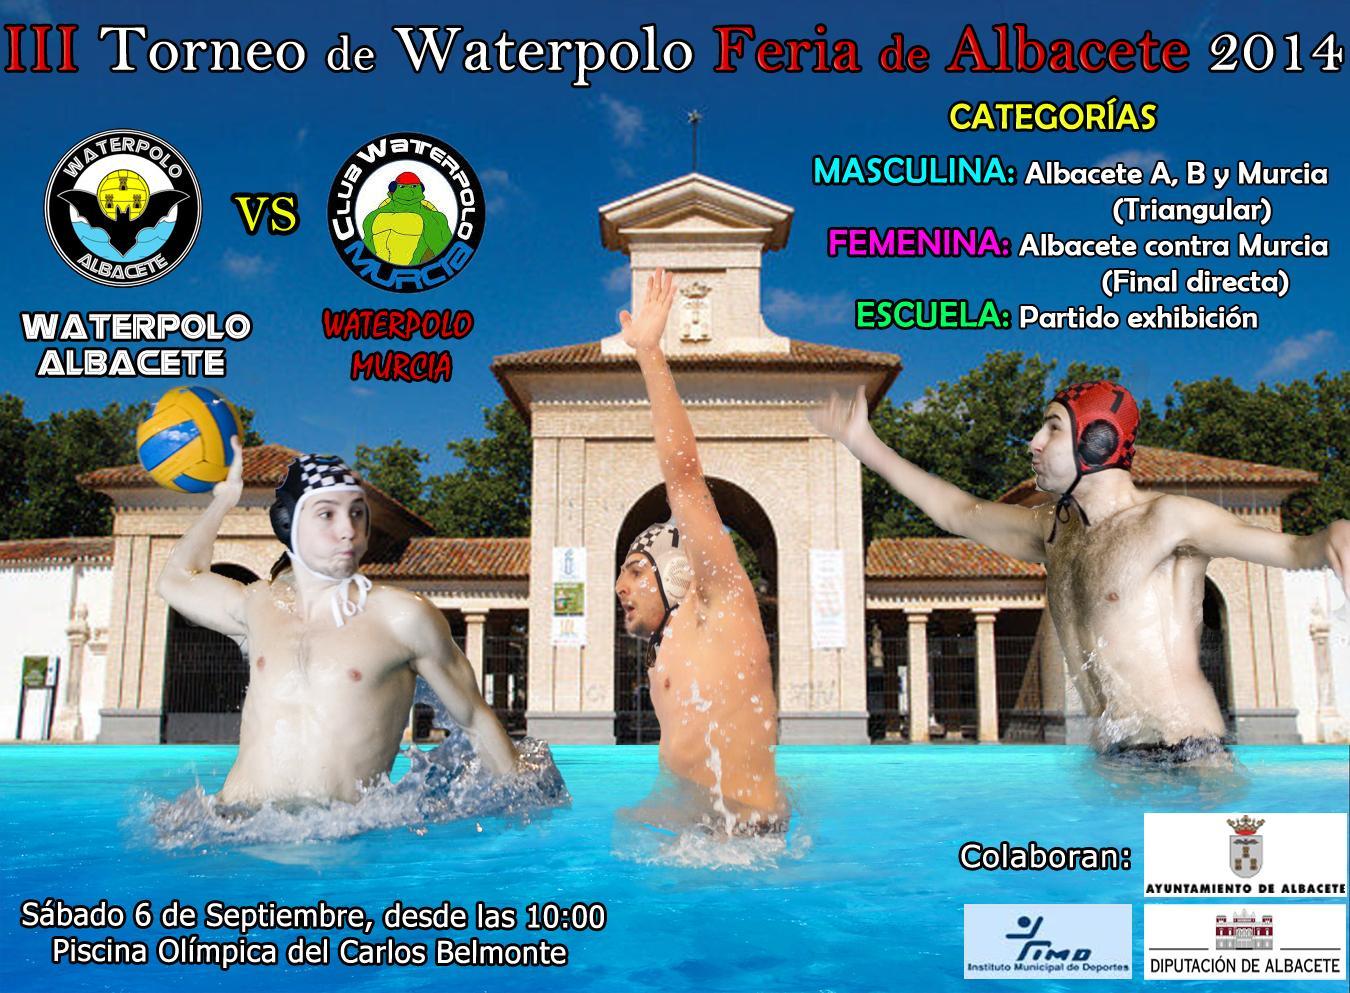 III Torneo de Feria del Waterpolo Albacete